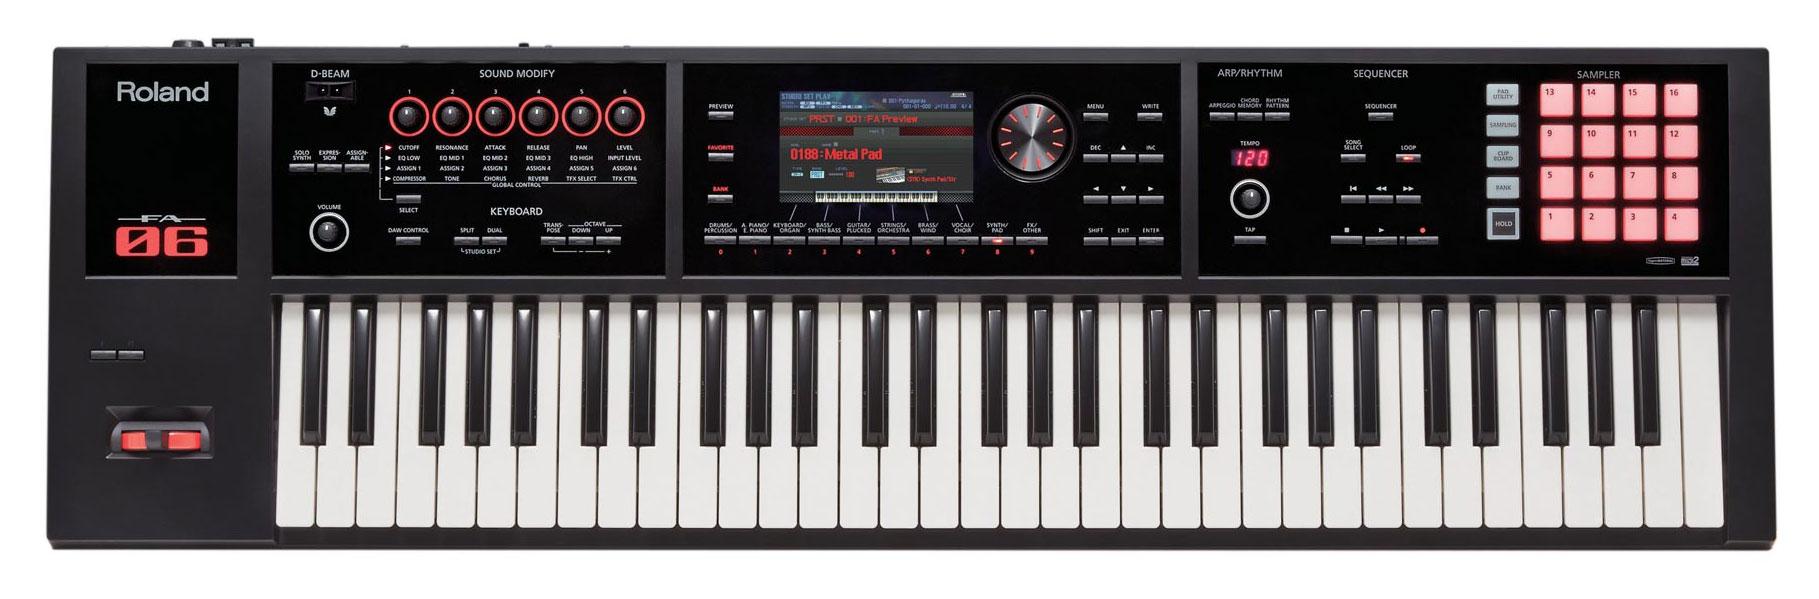 Roland FA 06 Synthesizer Workstation